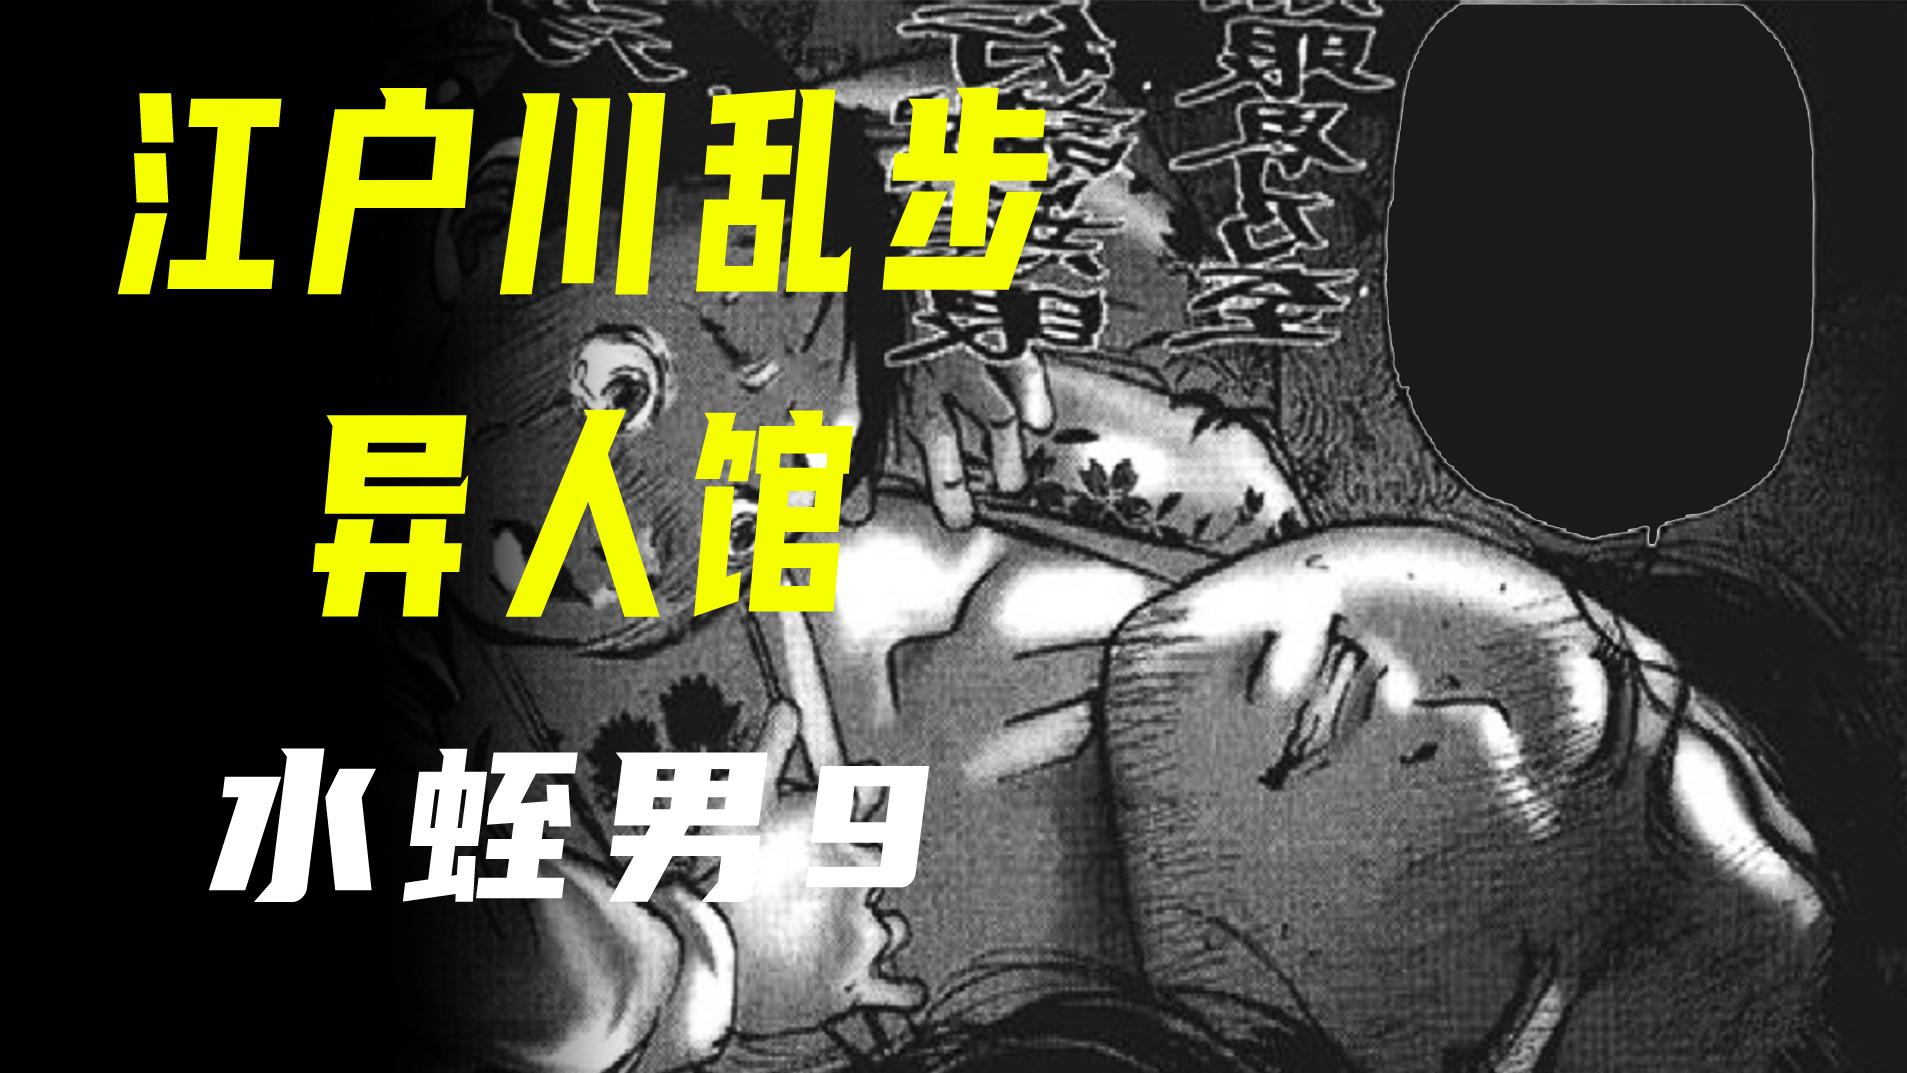 【江户川乱步异人馆·水蛭男9】土豪家的活寡妇竟然躲进了棺材